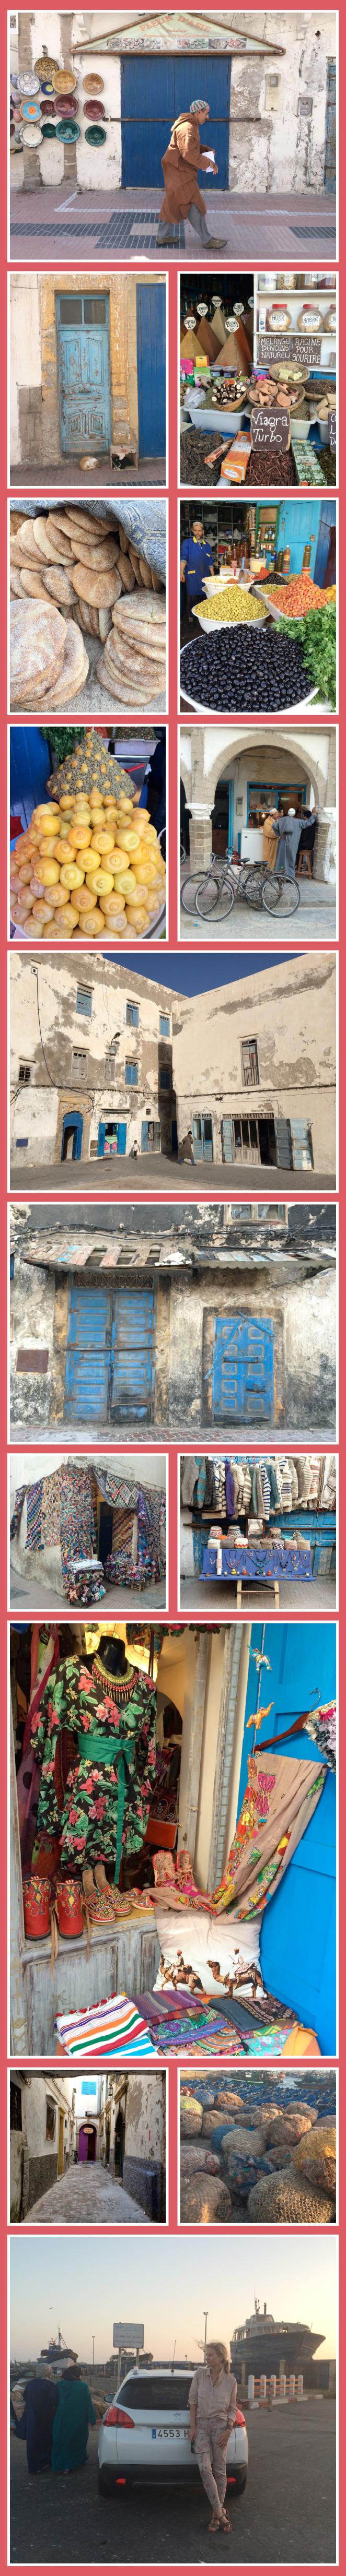 Dando un paseo por la medina o centro histórico de Essaouira